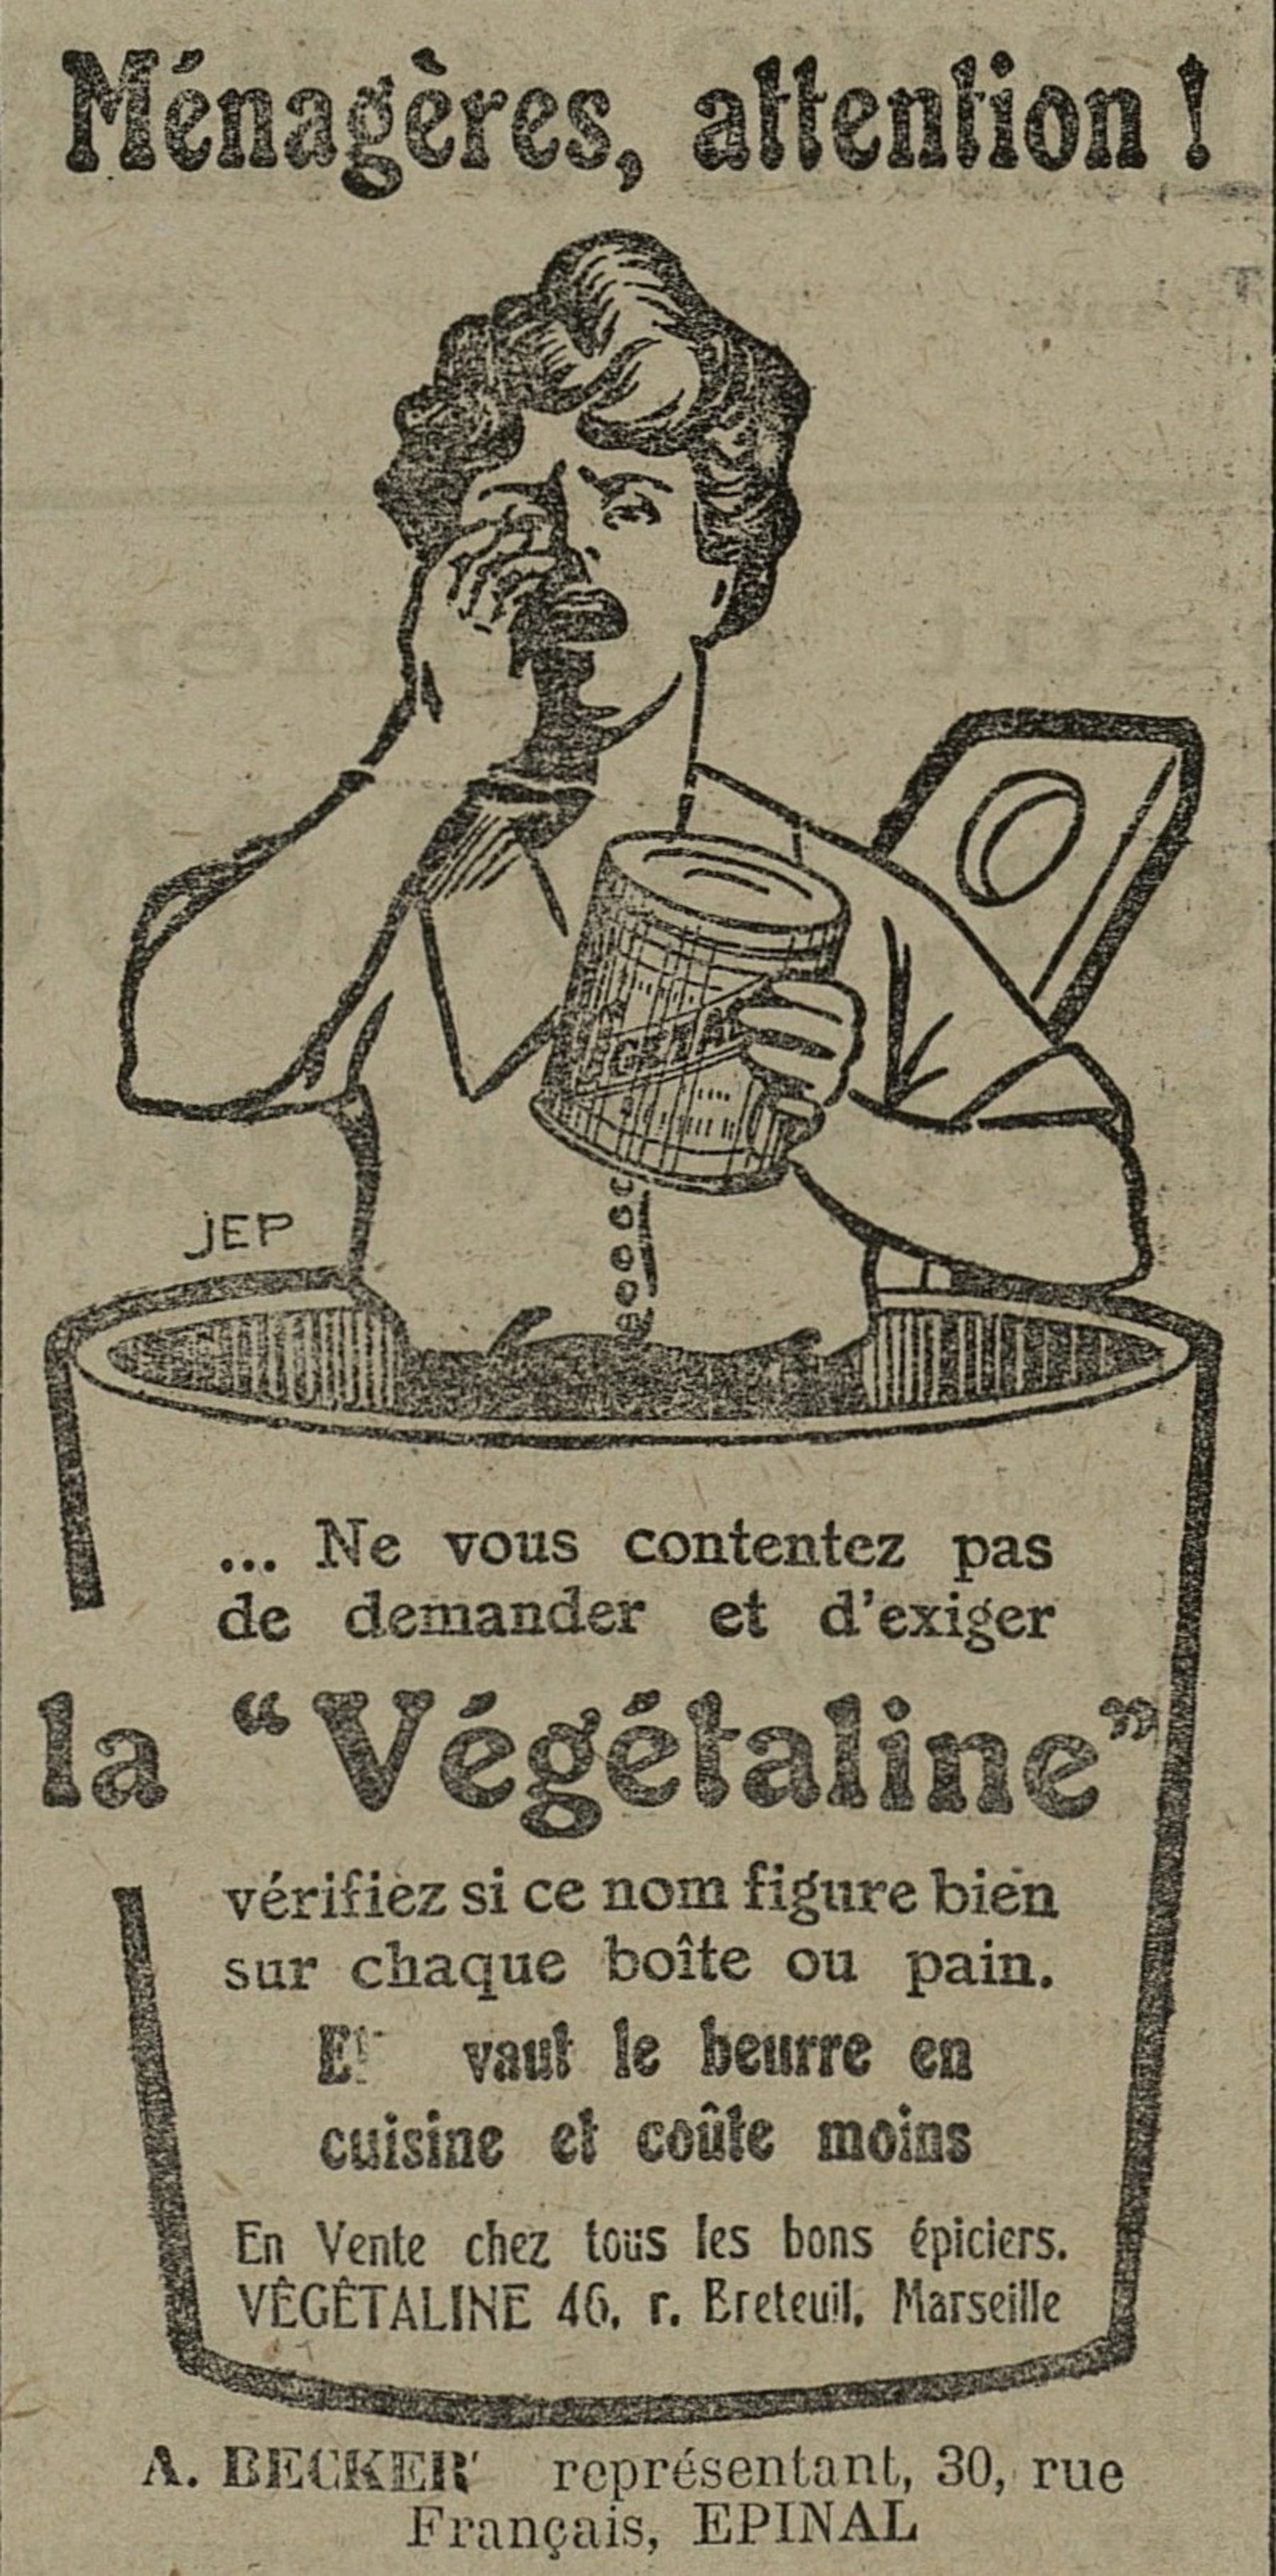 Contenu du La Végétaline